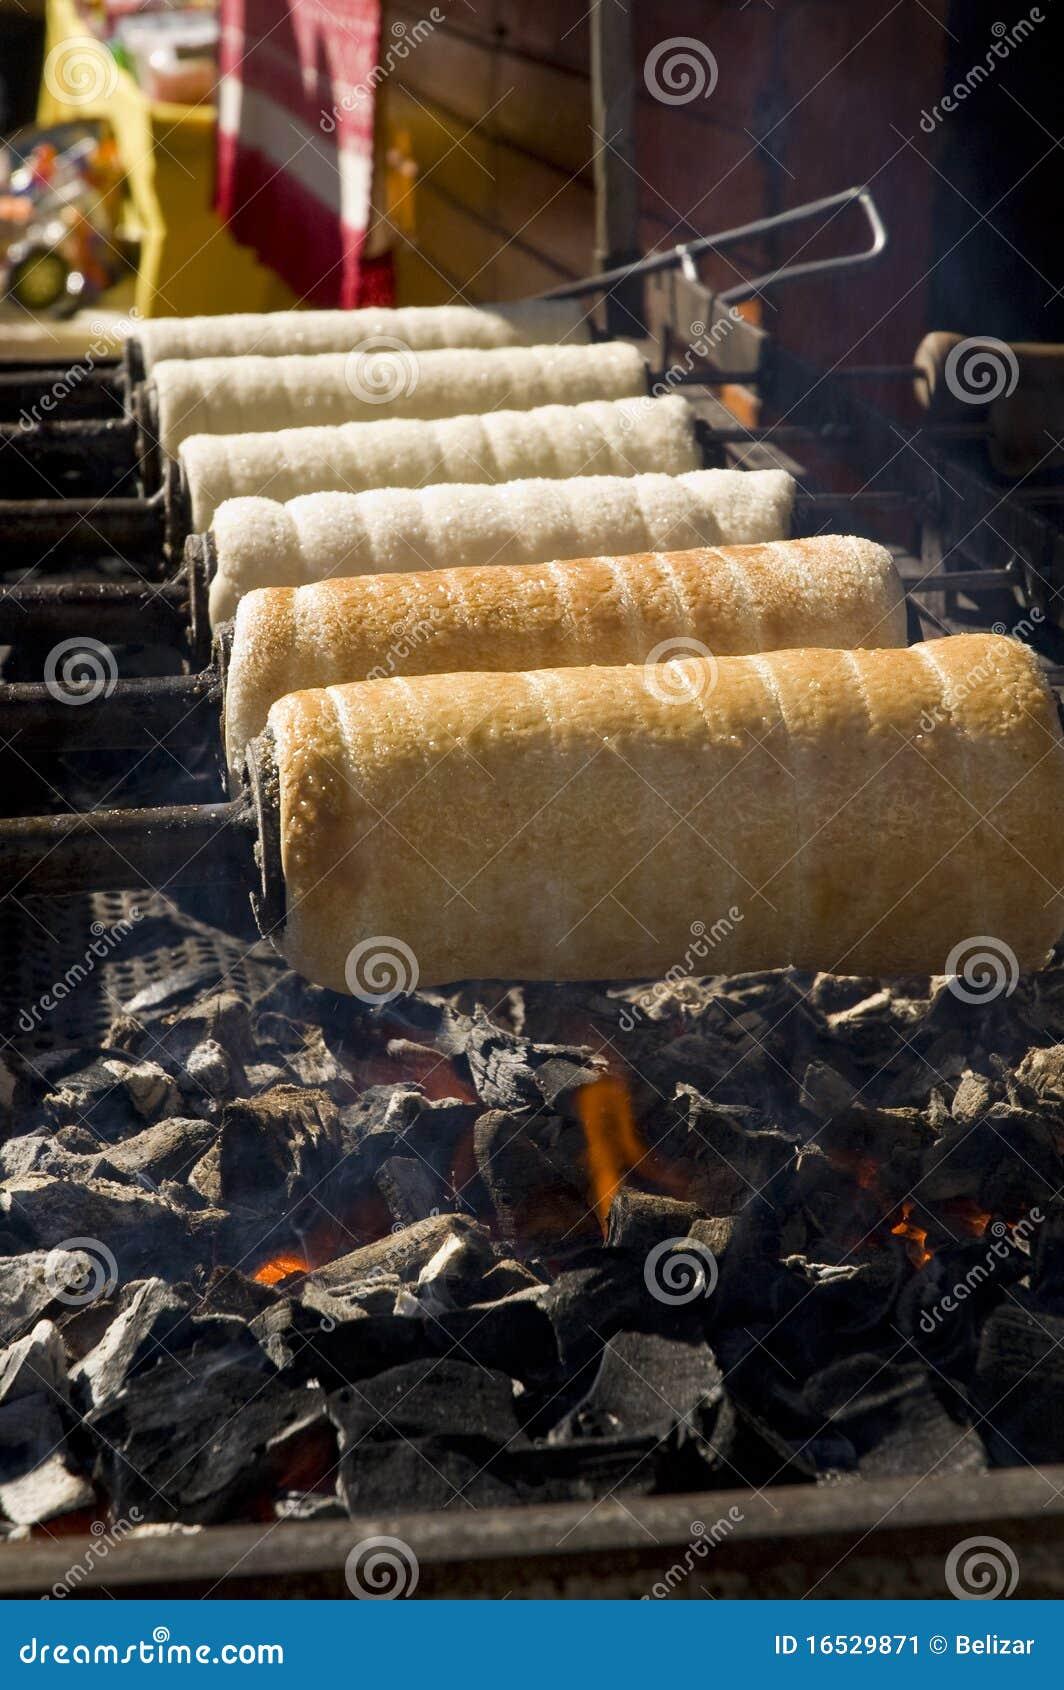 Baking chimney cakes